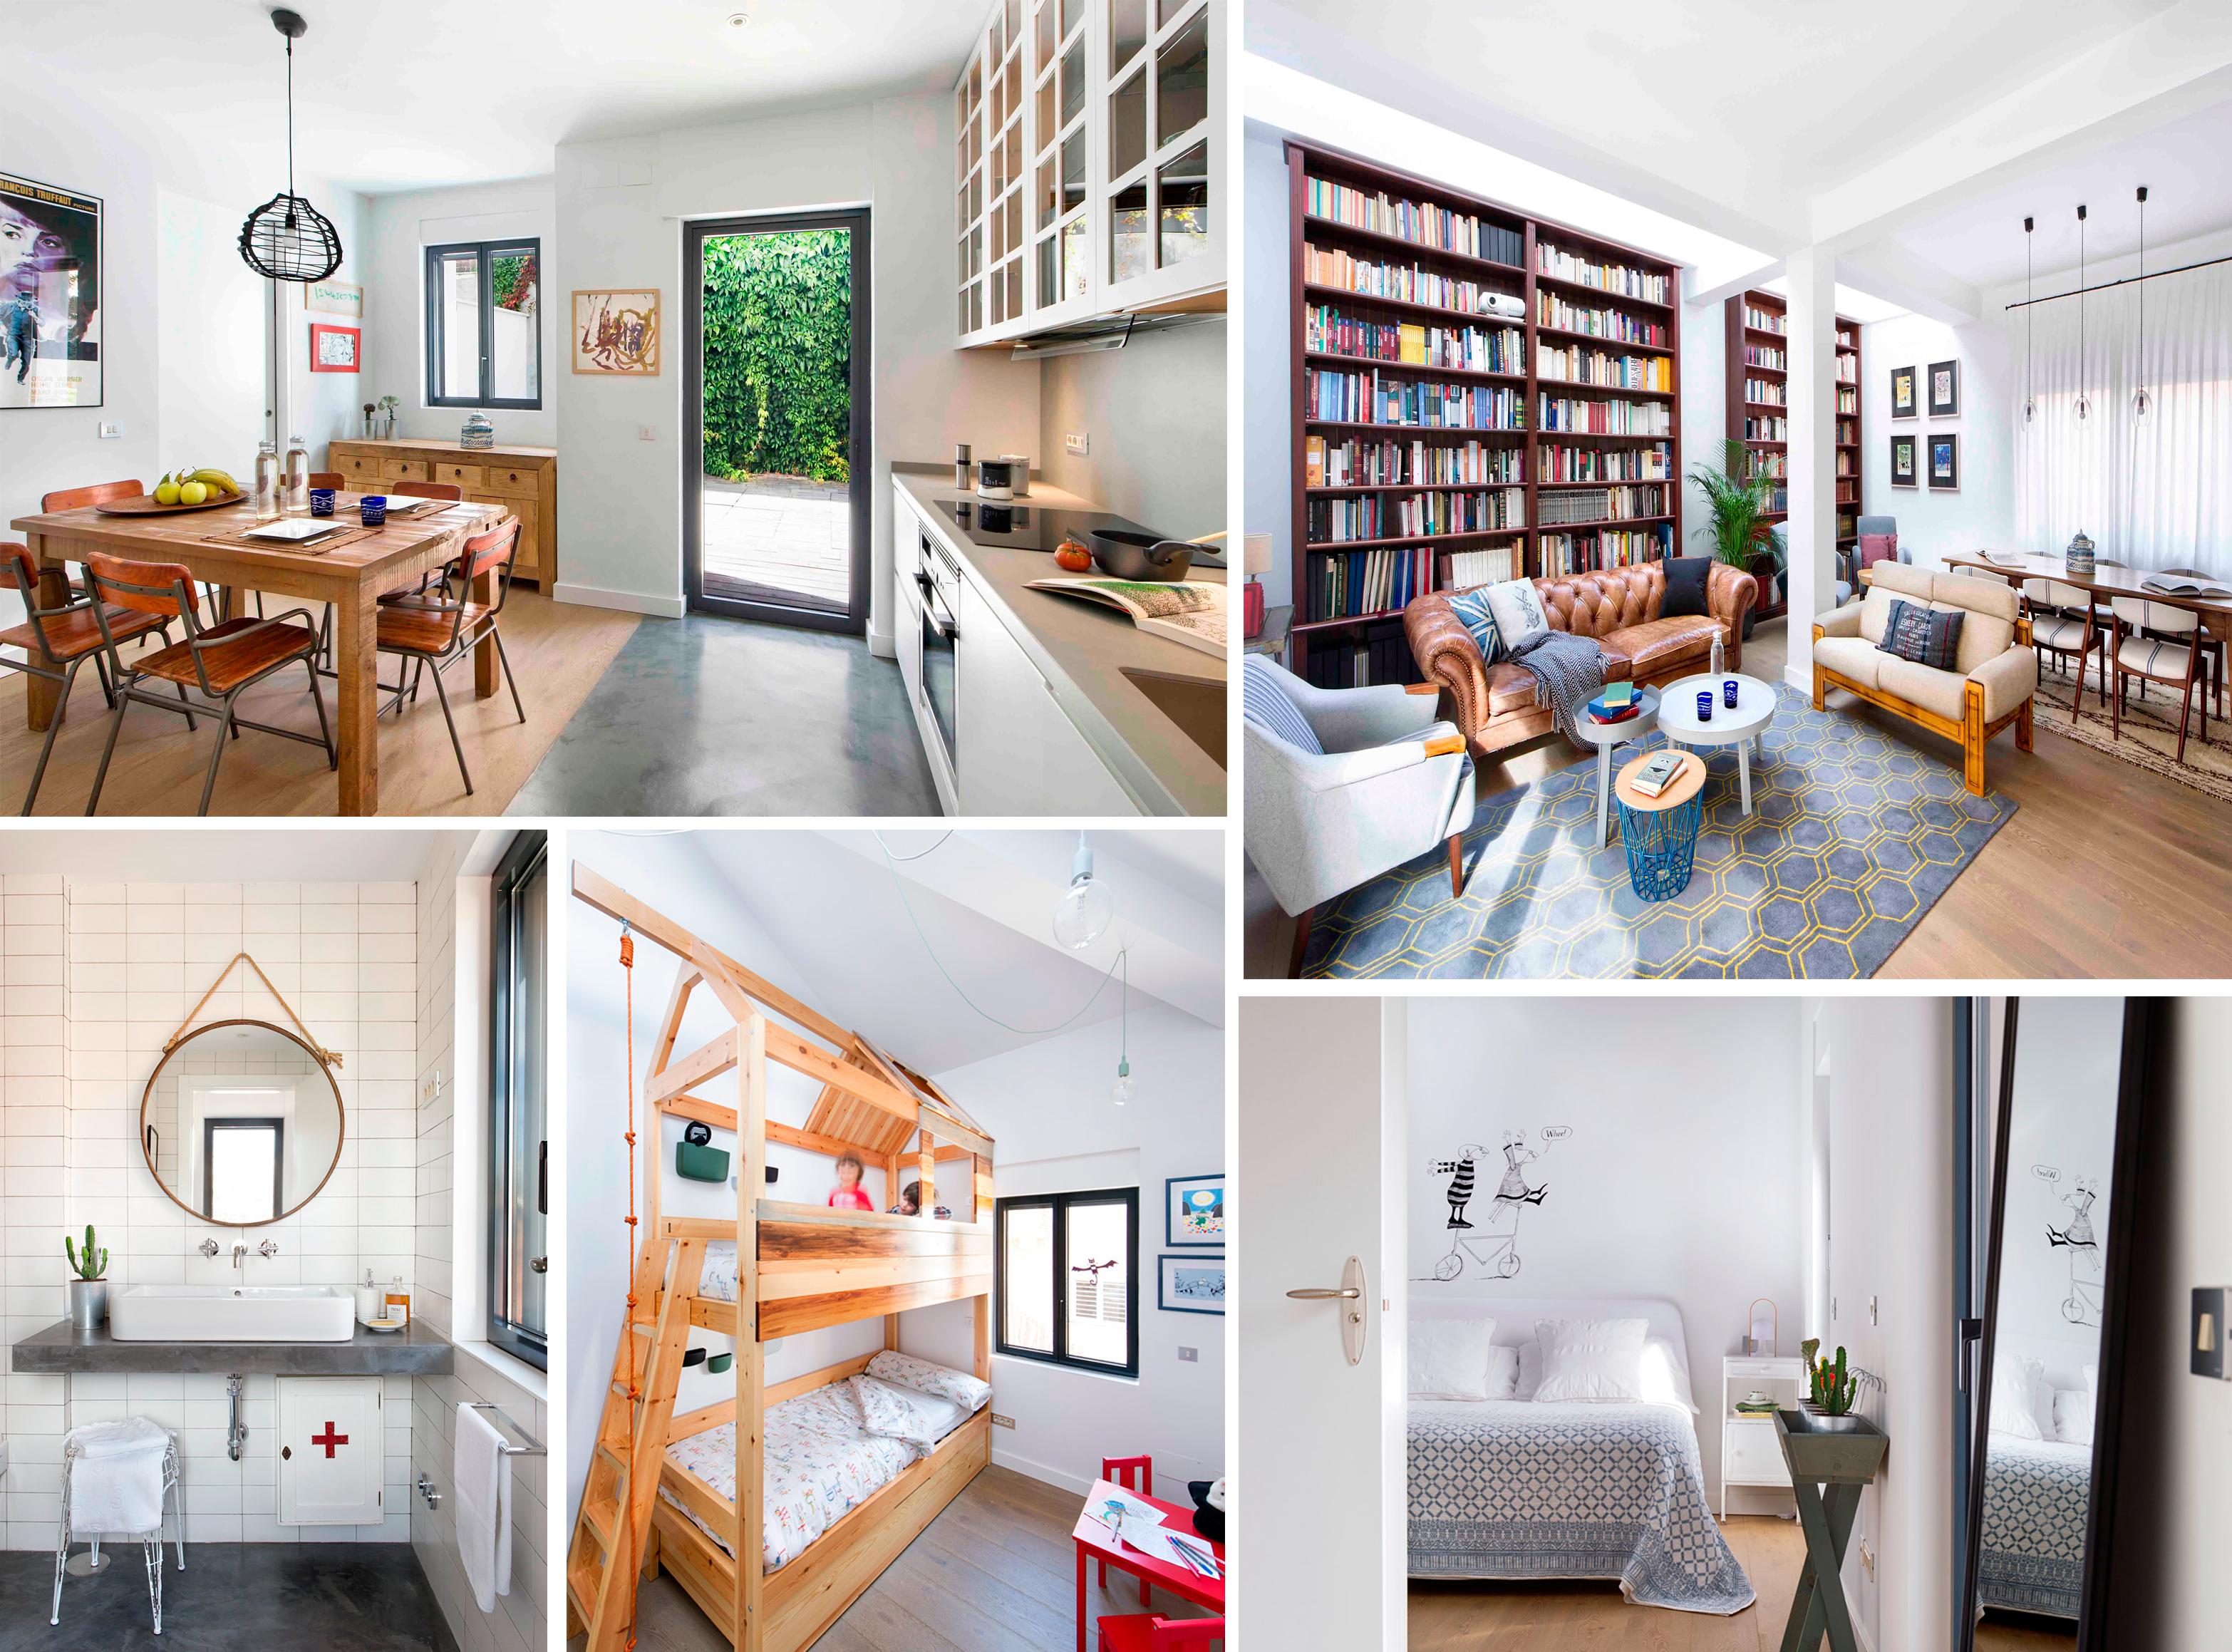 Proyecto: una casa de libro (más)